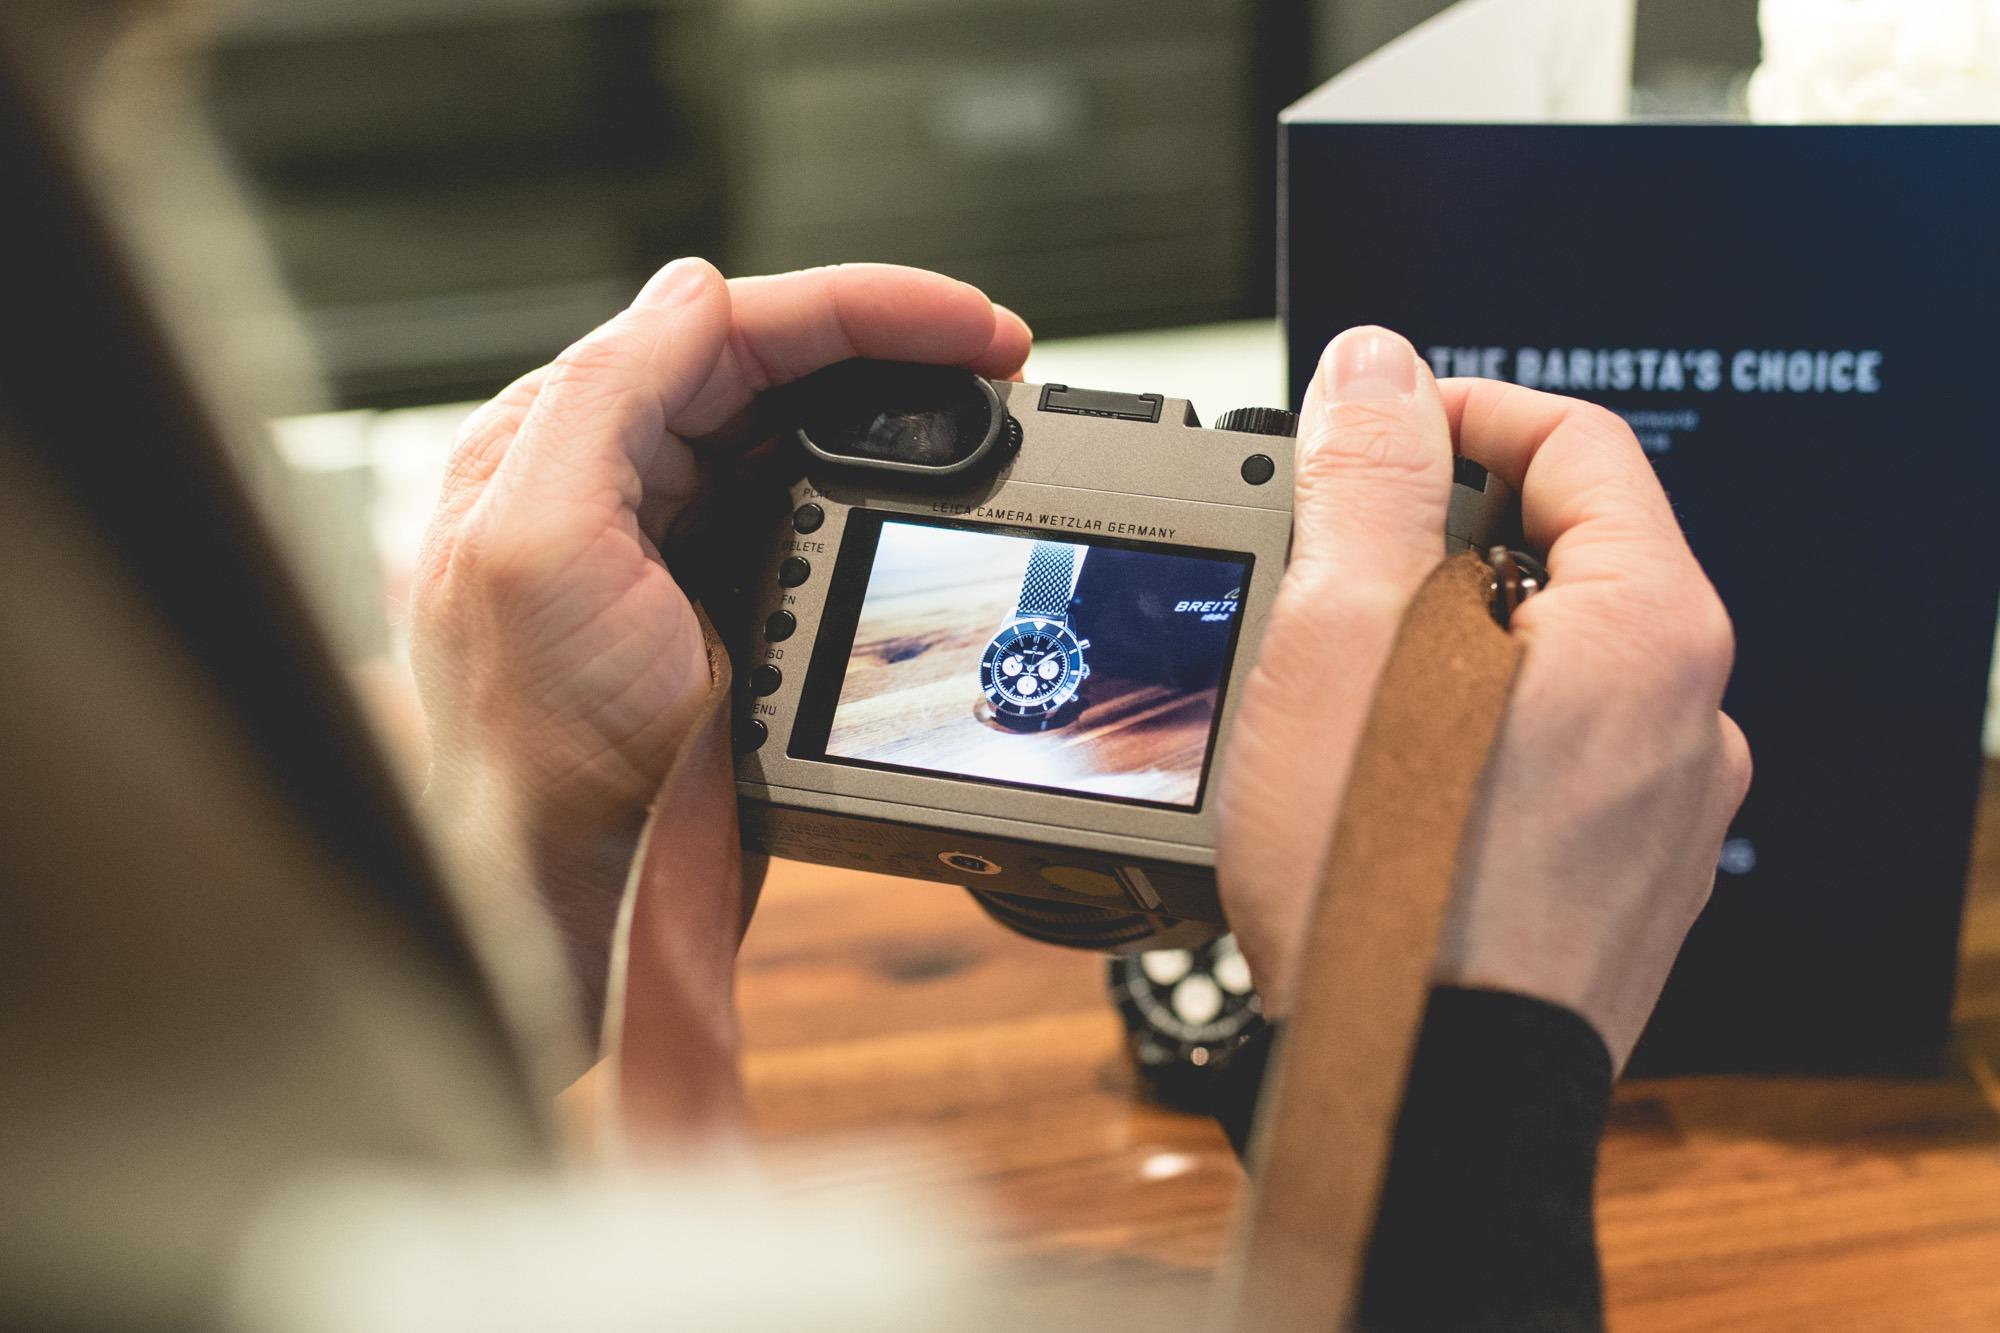 Baselworld 2018 - Breitling SuperOcean Héritage Chronograph - Leica